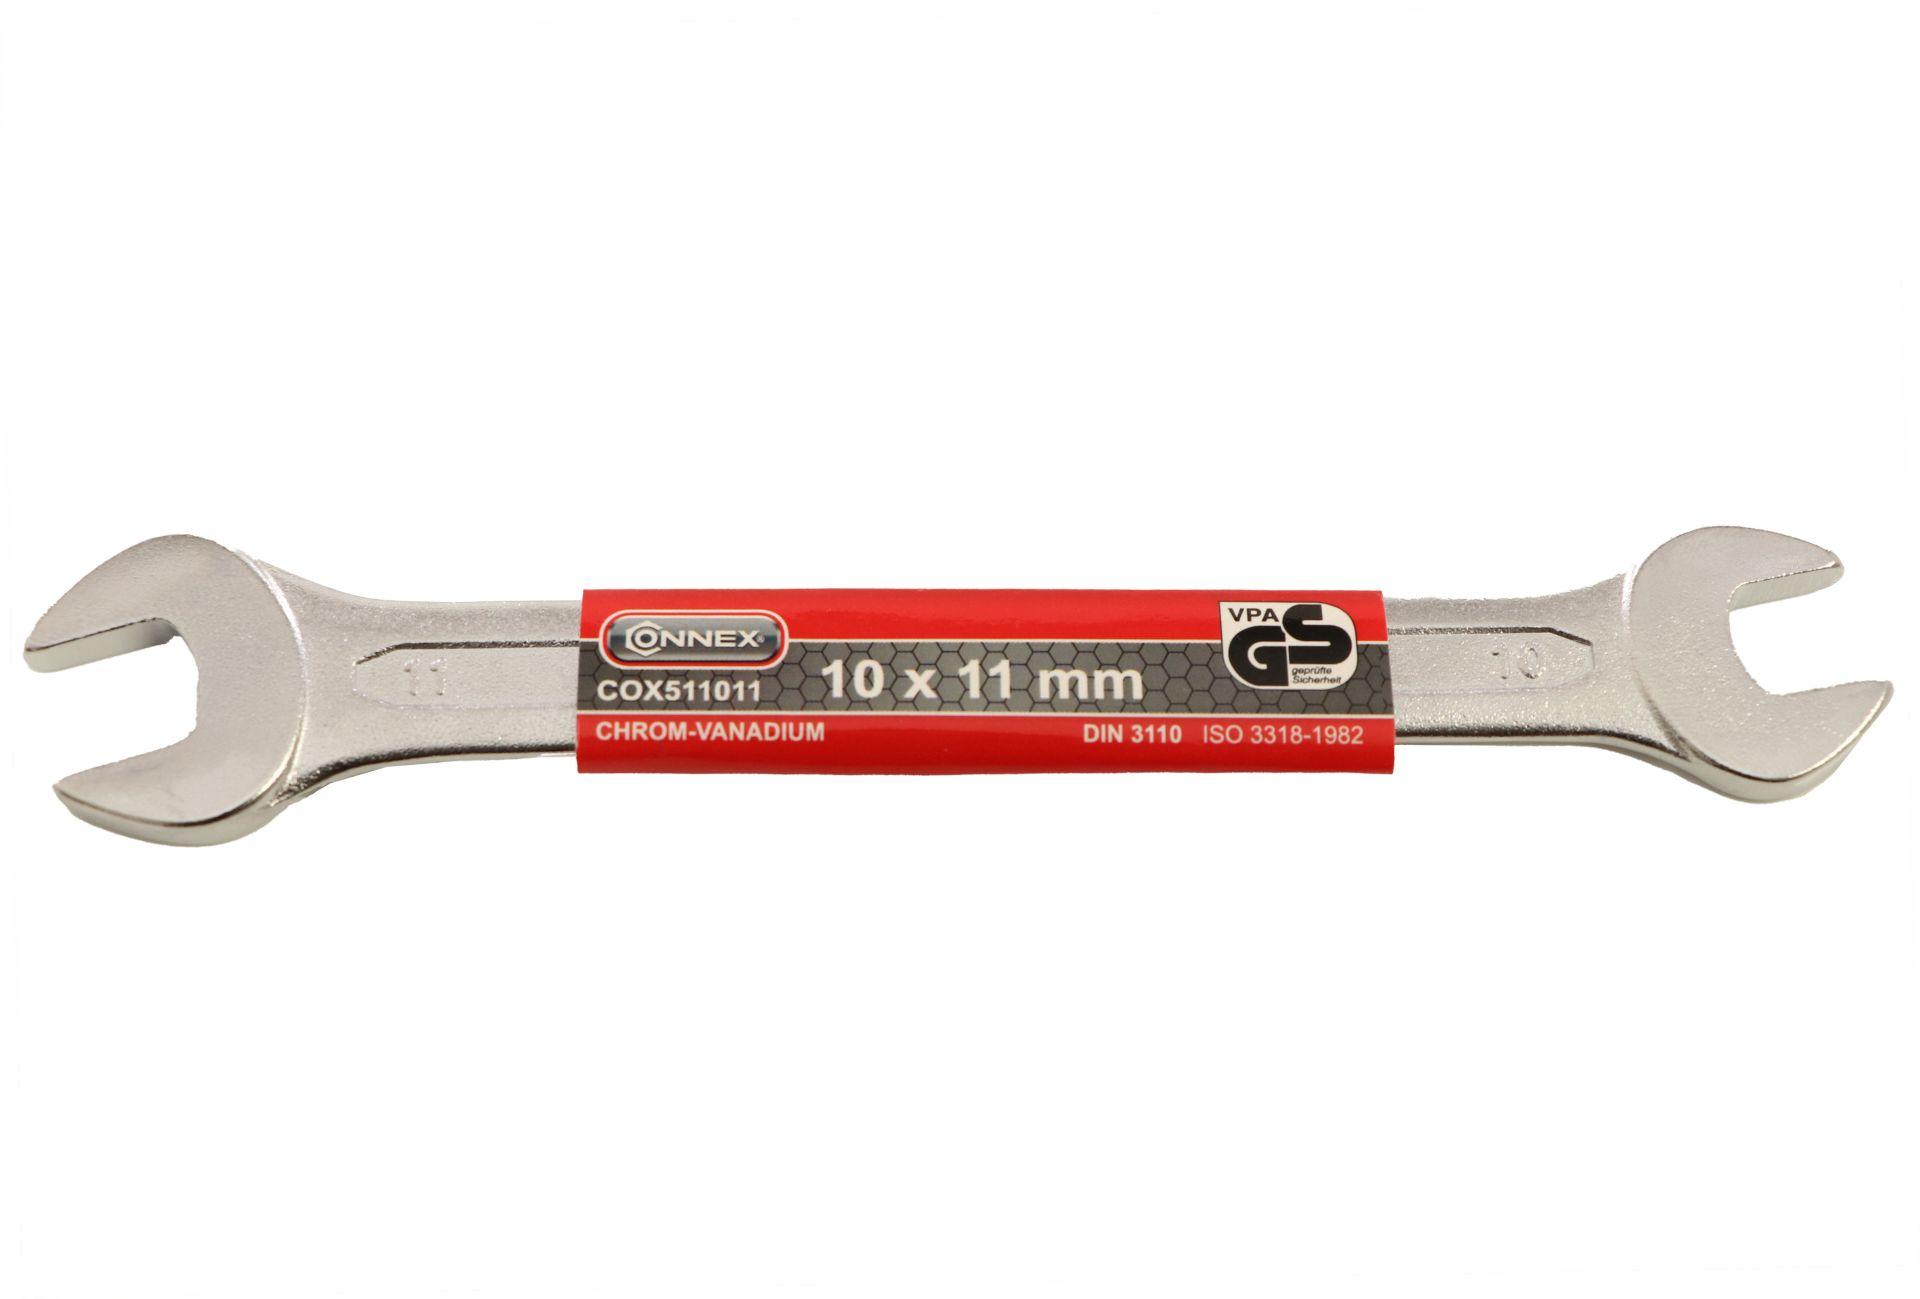 Conmetall Gabelschlüssel, Chrom-Vanadium-Stahl, 10 x 11 mm